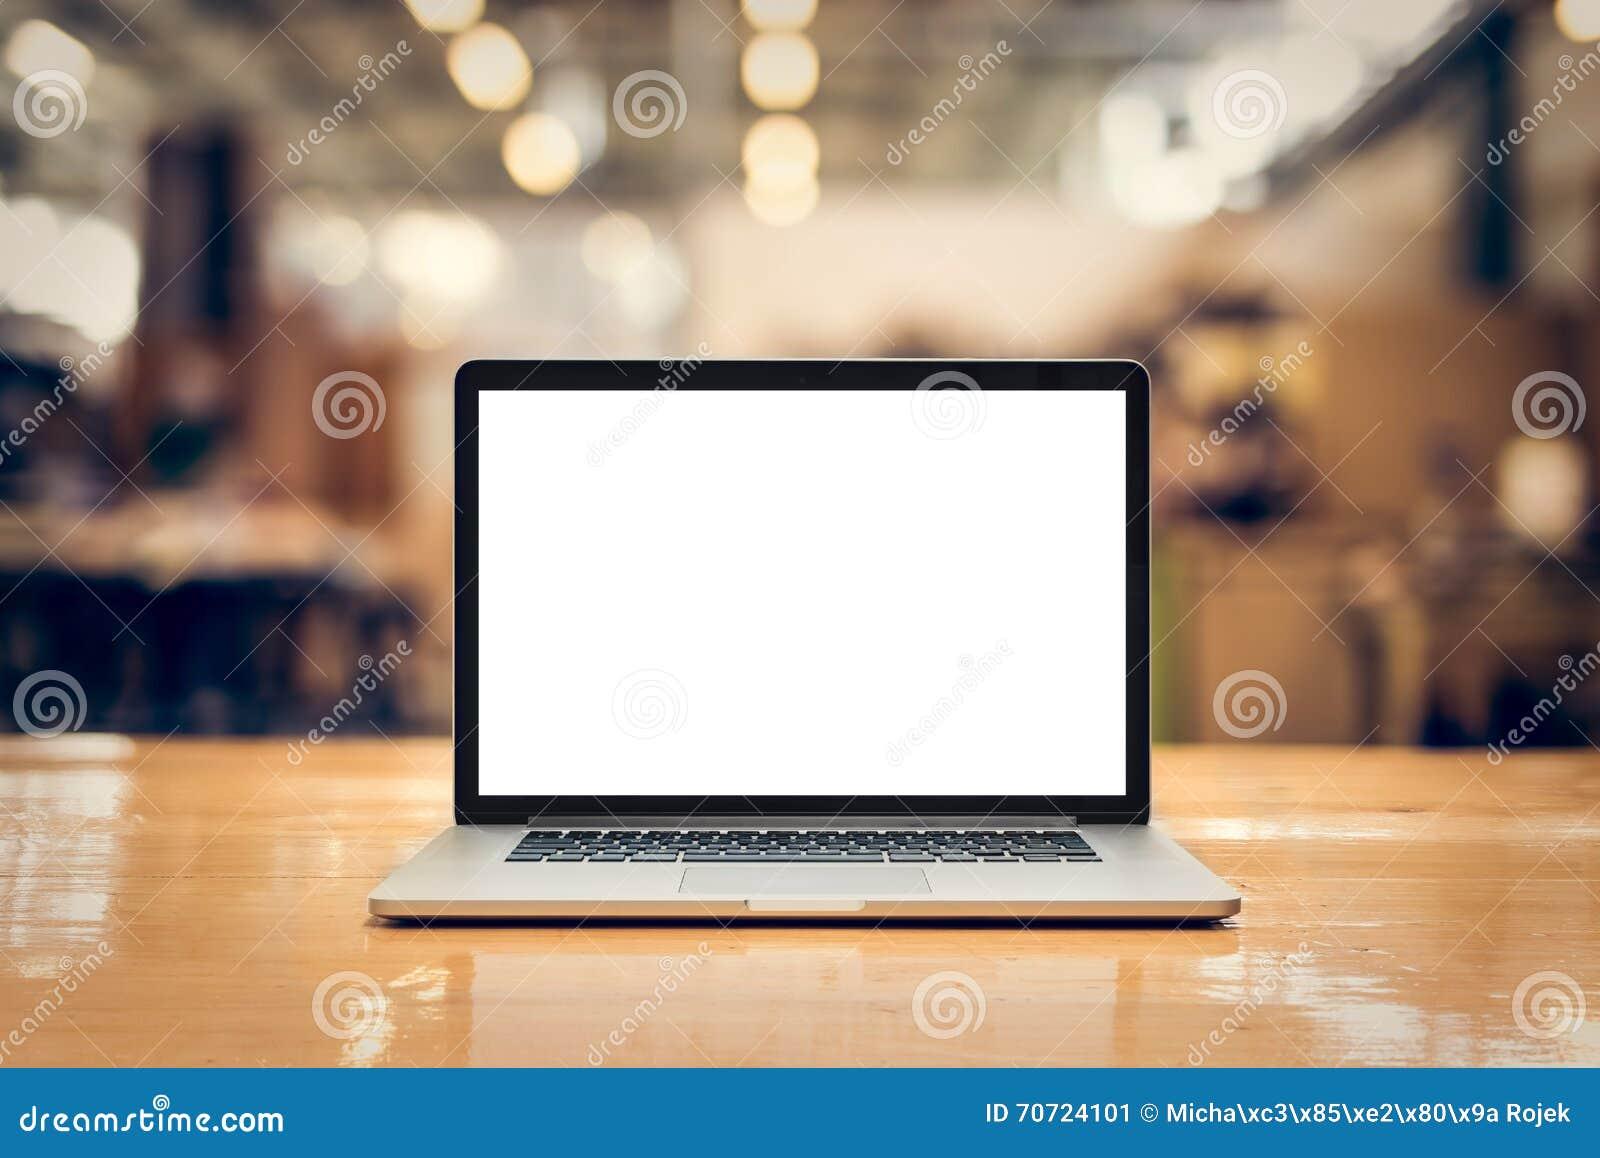 Ordinateur portable avec l écran vide sur la table - avant